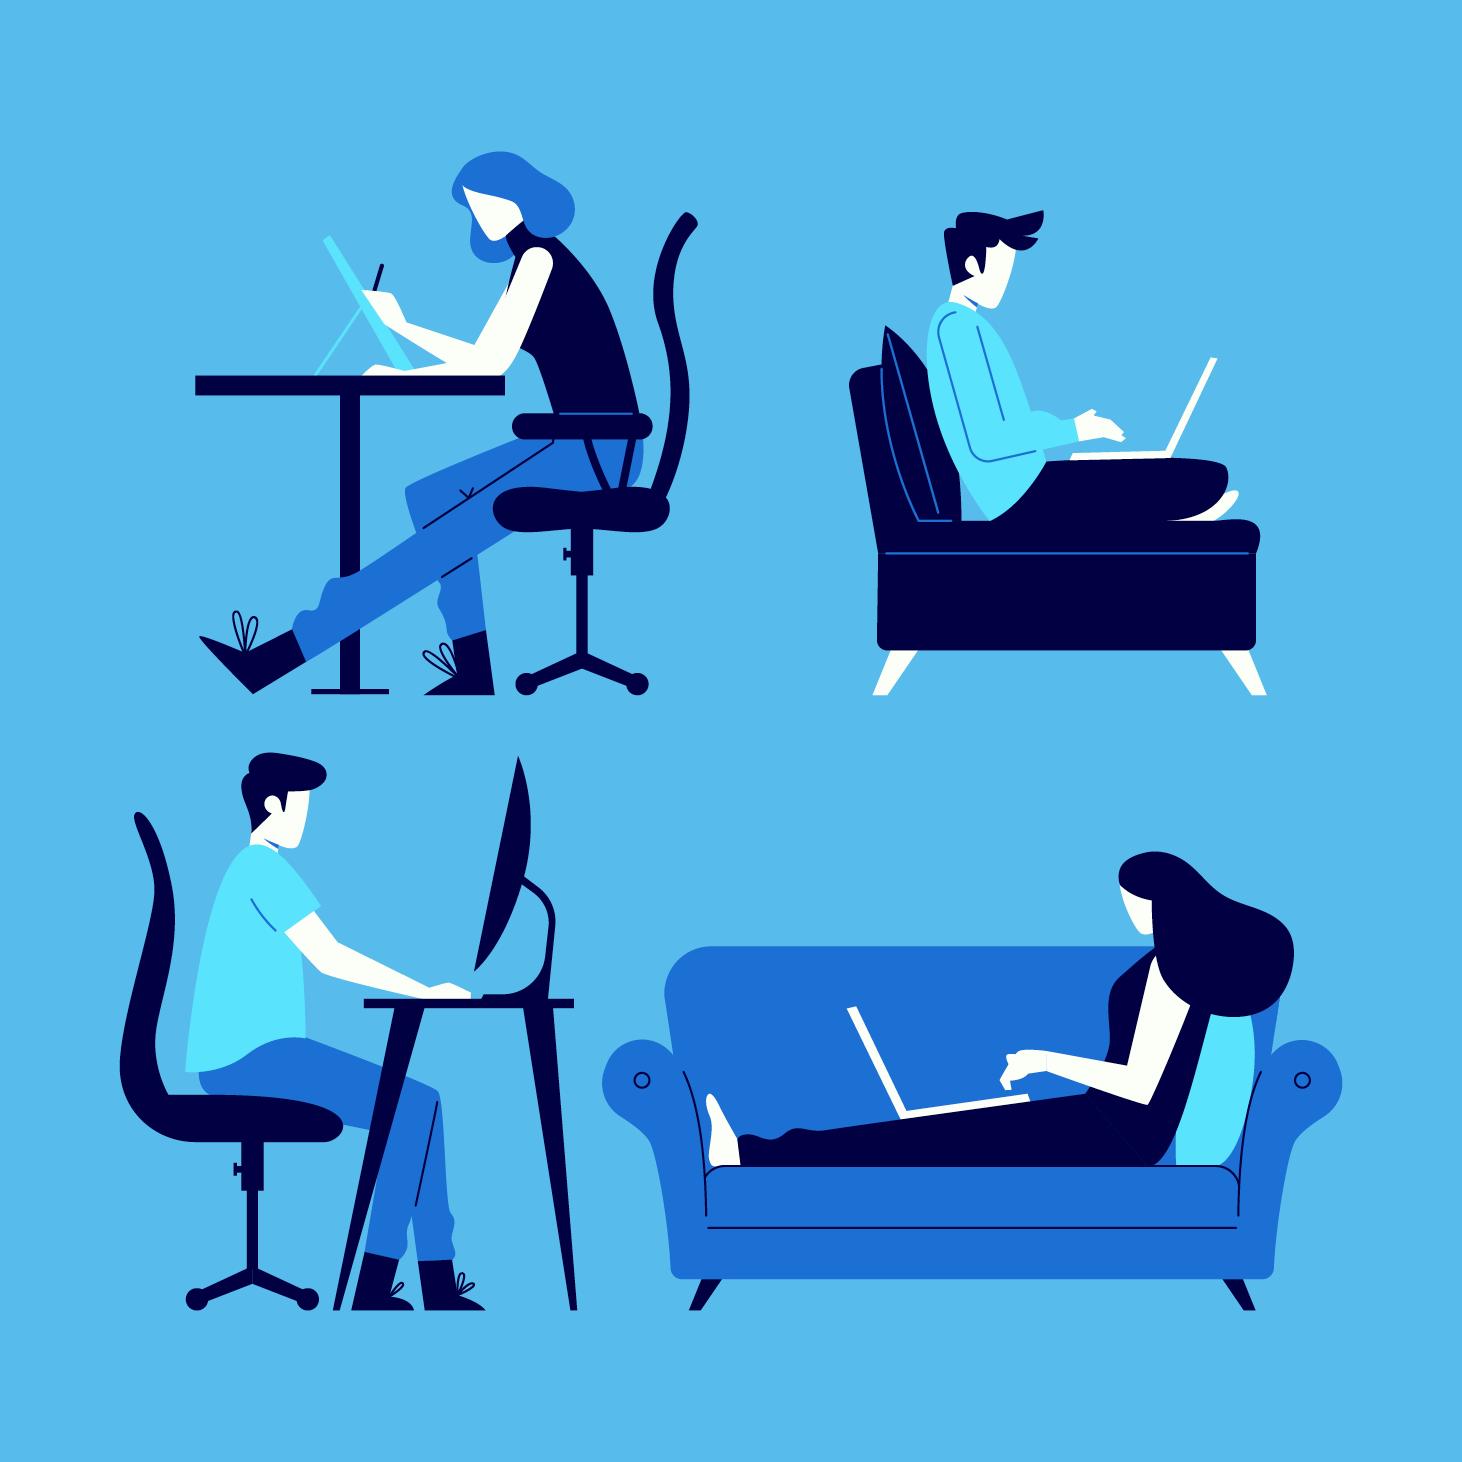 Oito em cada dez companhias abertas planejam reforçar home office